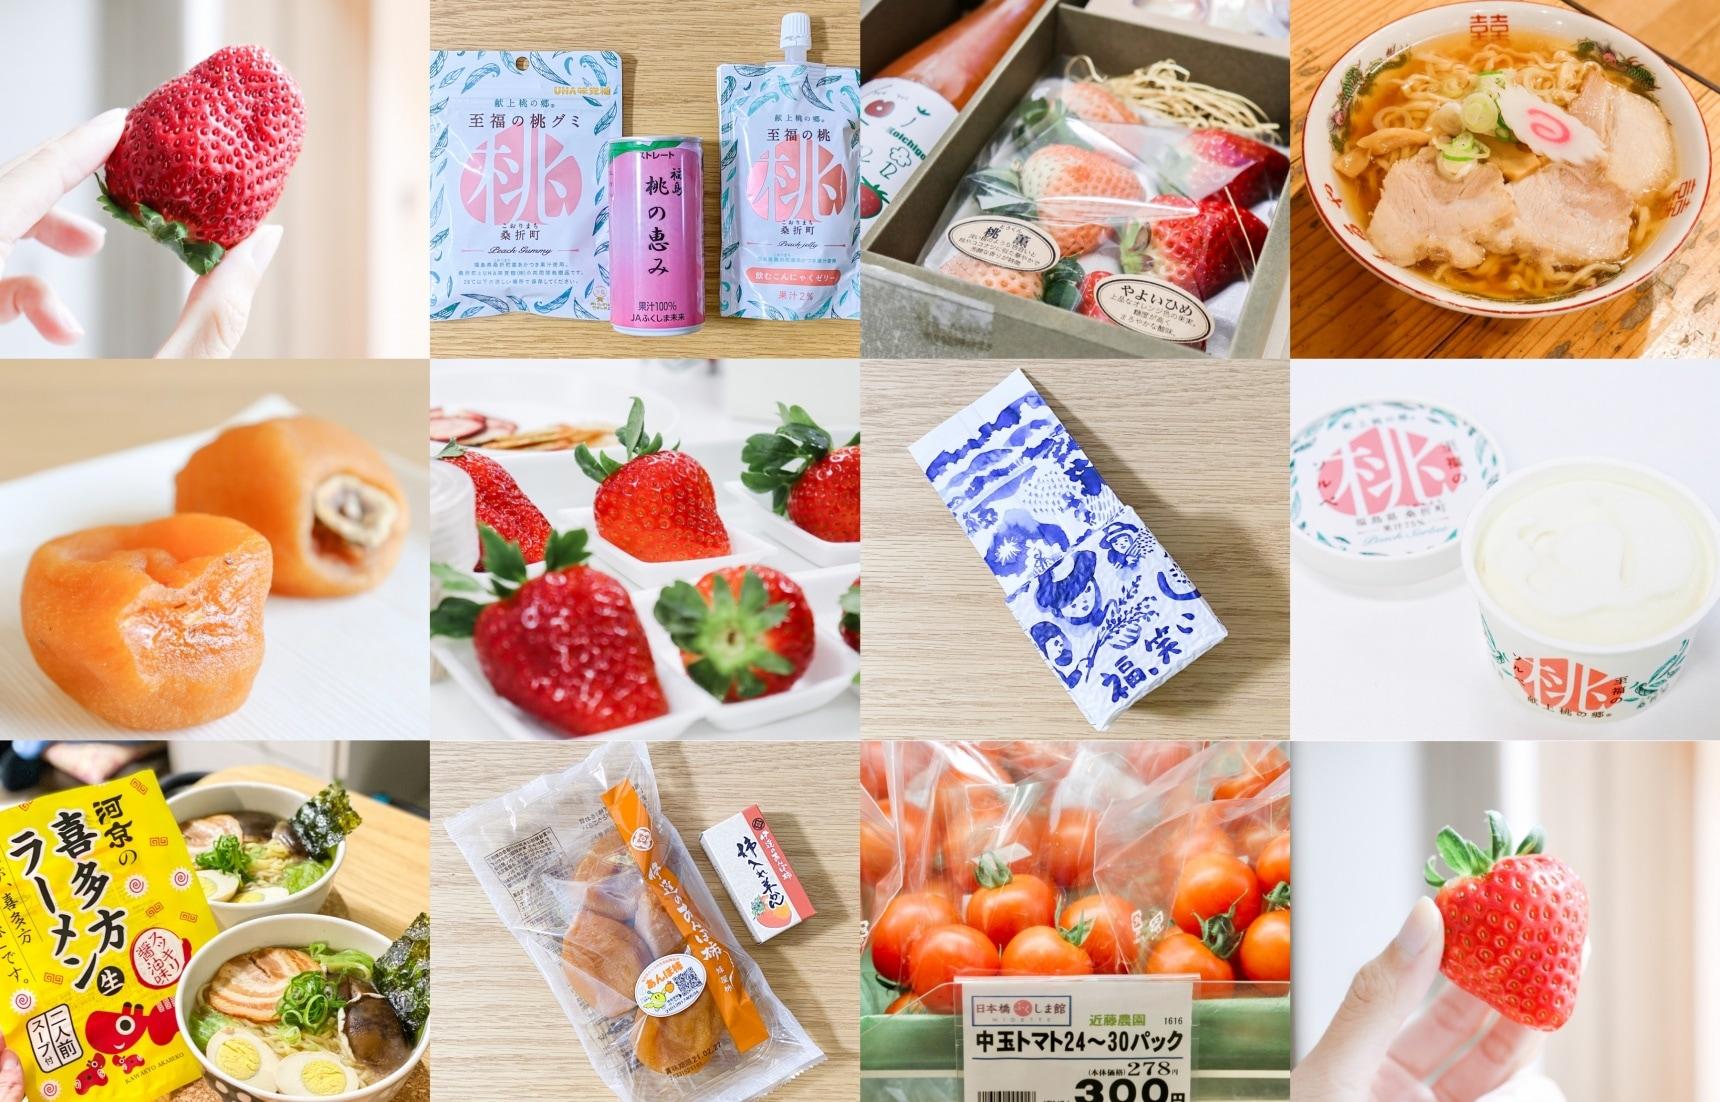 311 東日本大地震的十年復興之路|福島農產品檢測現況、安心安全伴手禮推薦